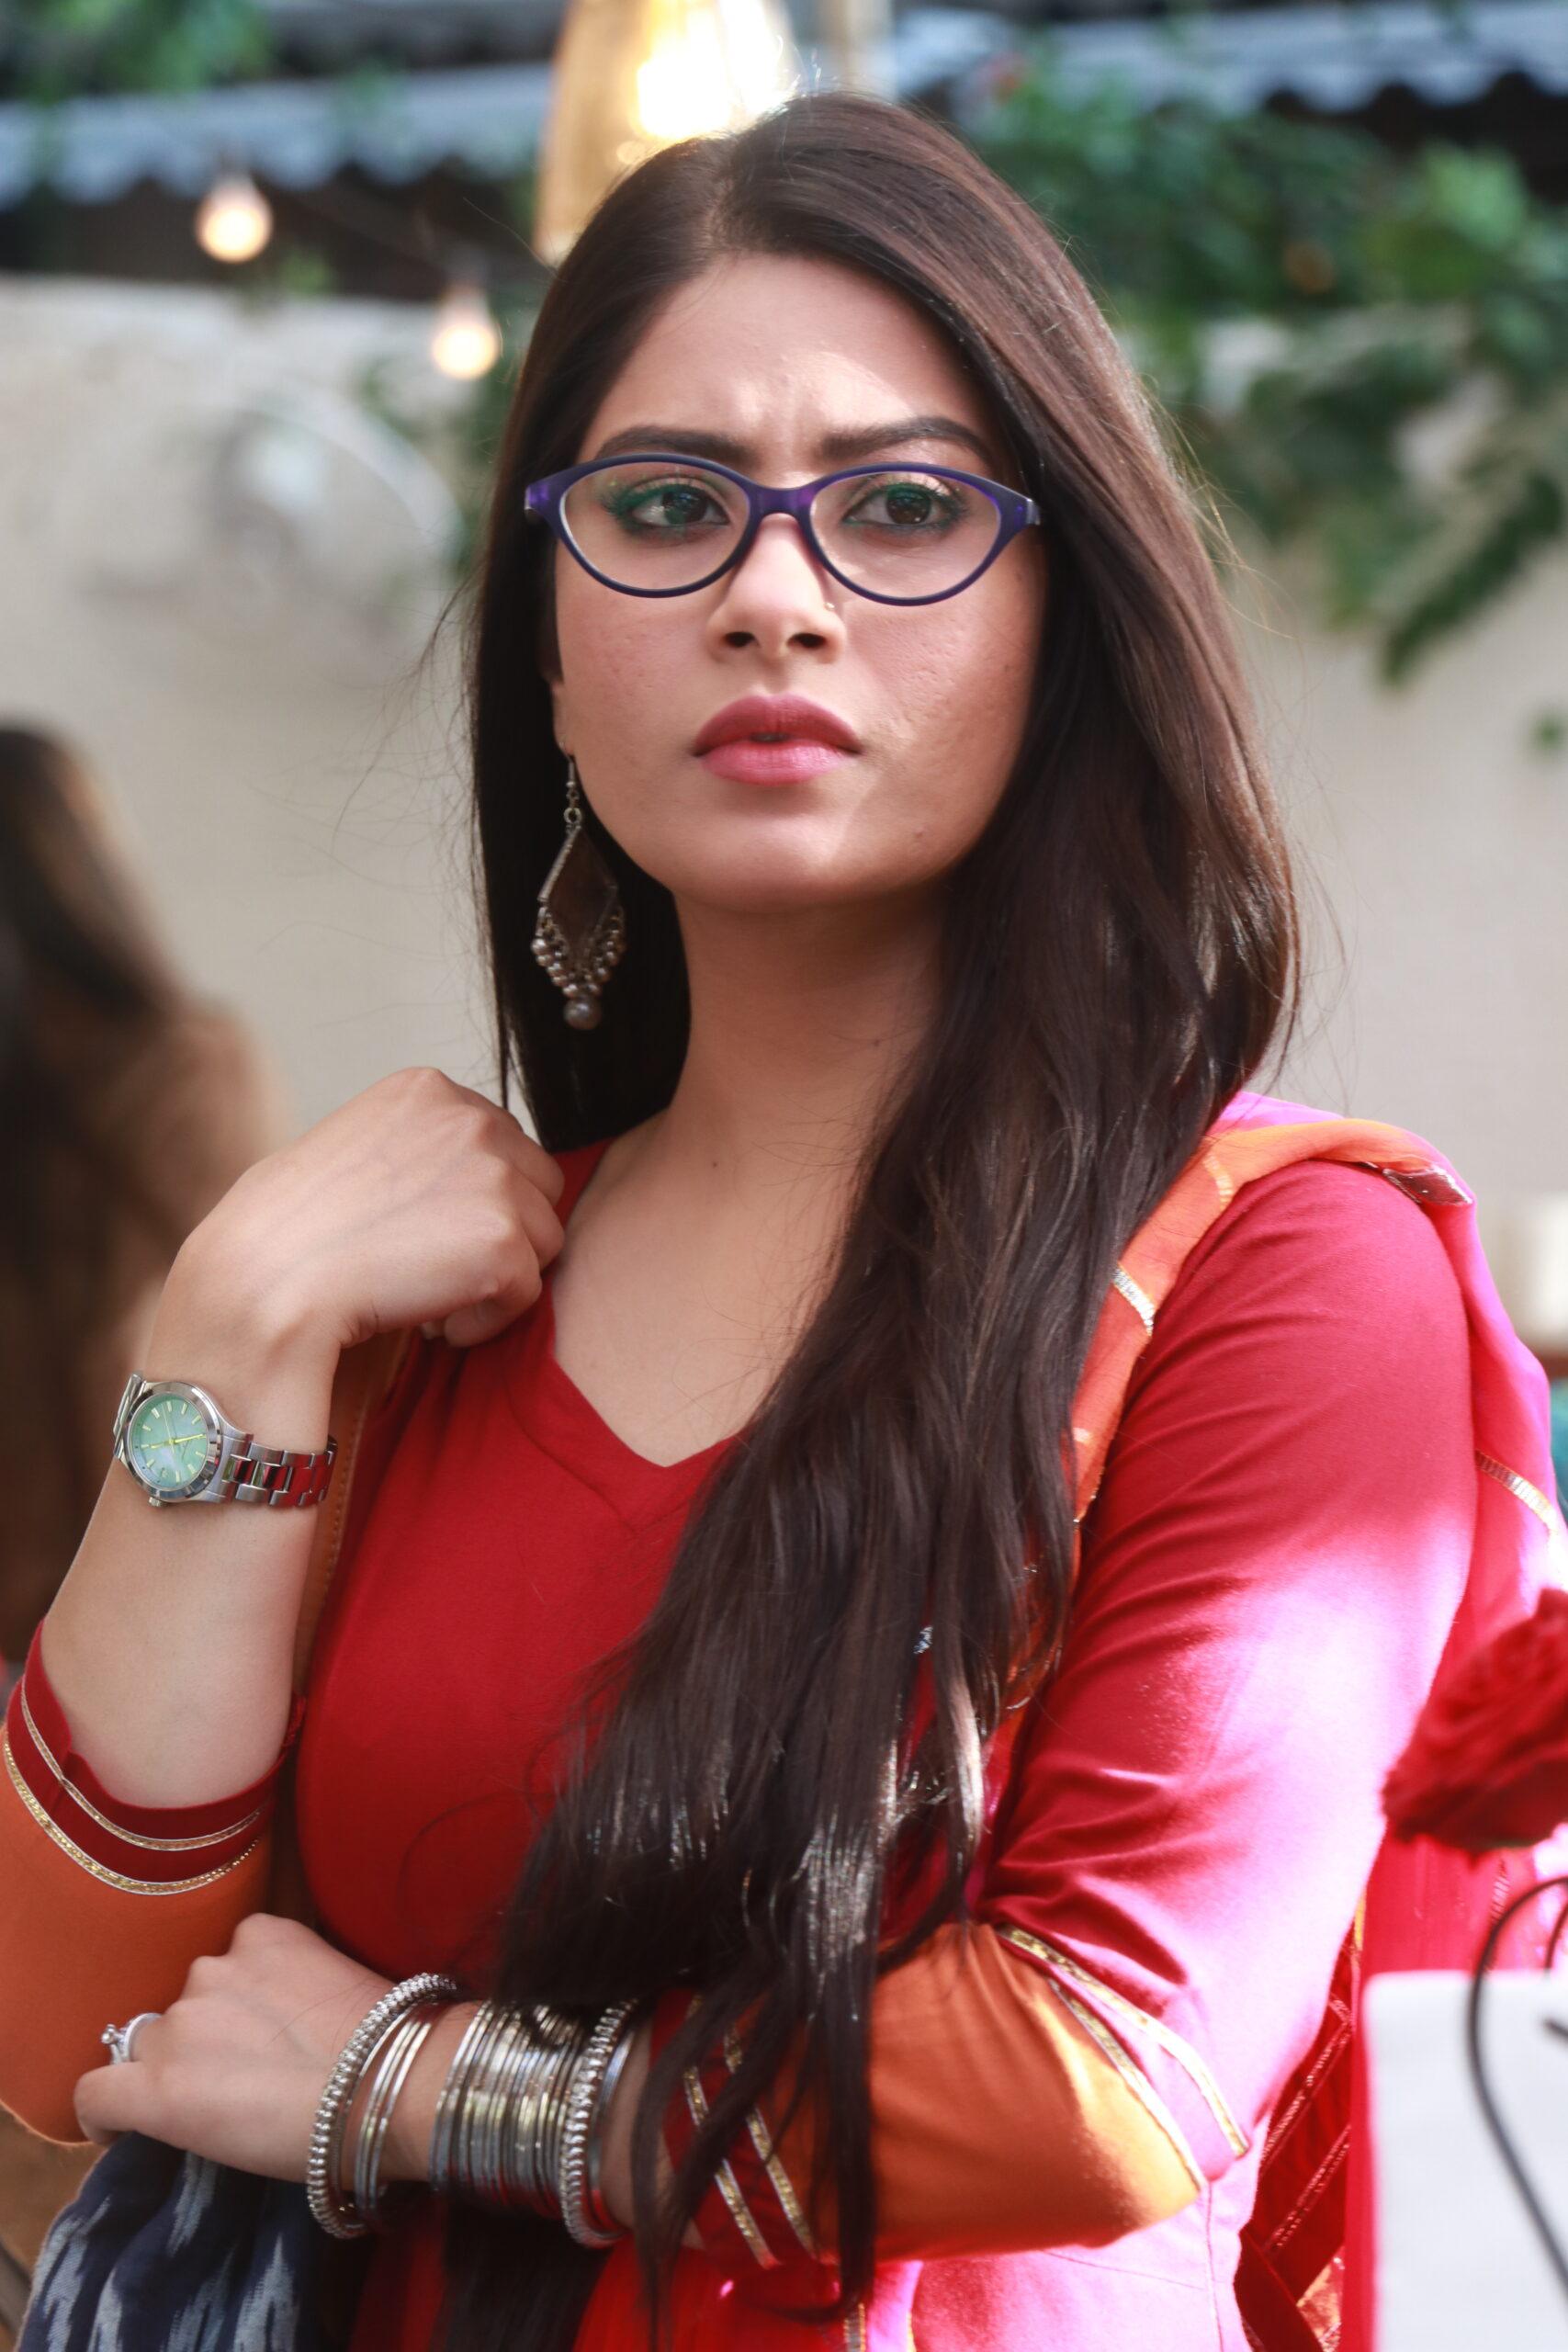 Shuru ho chuki hai Rehan aur Priya ki kahaani!